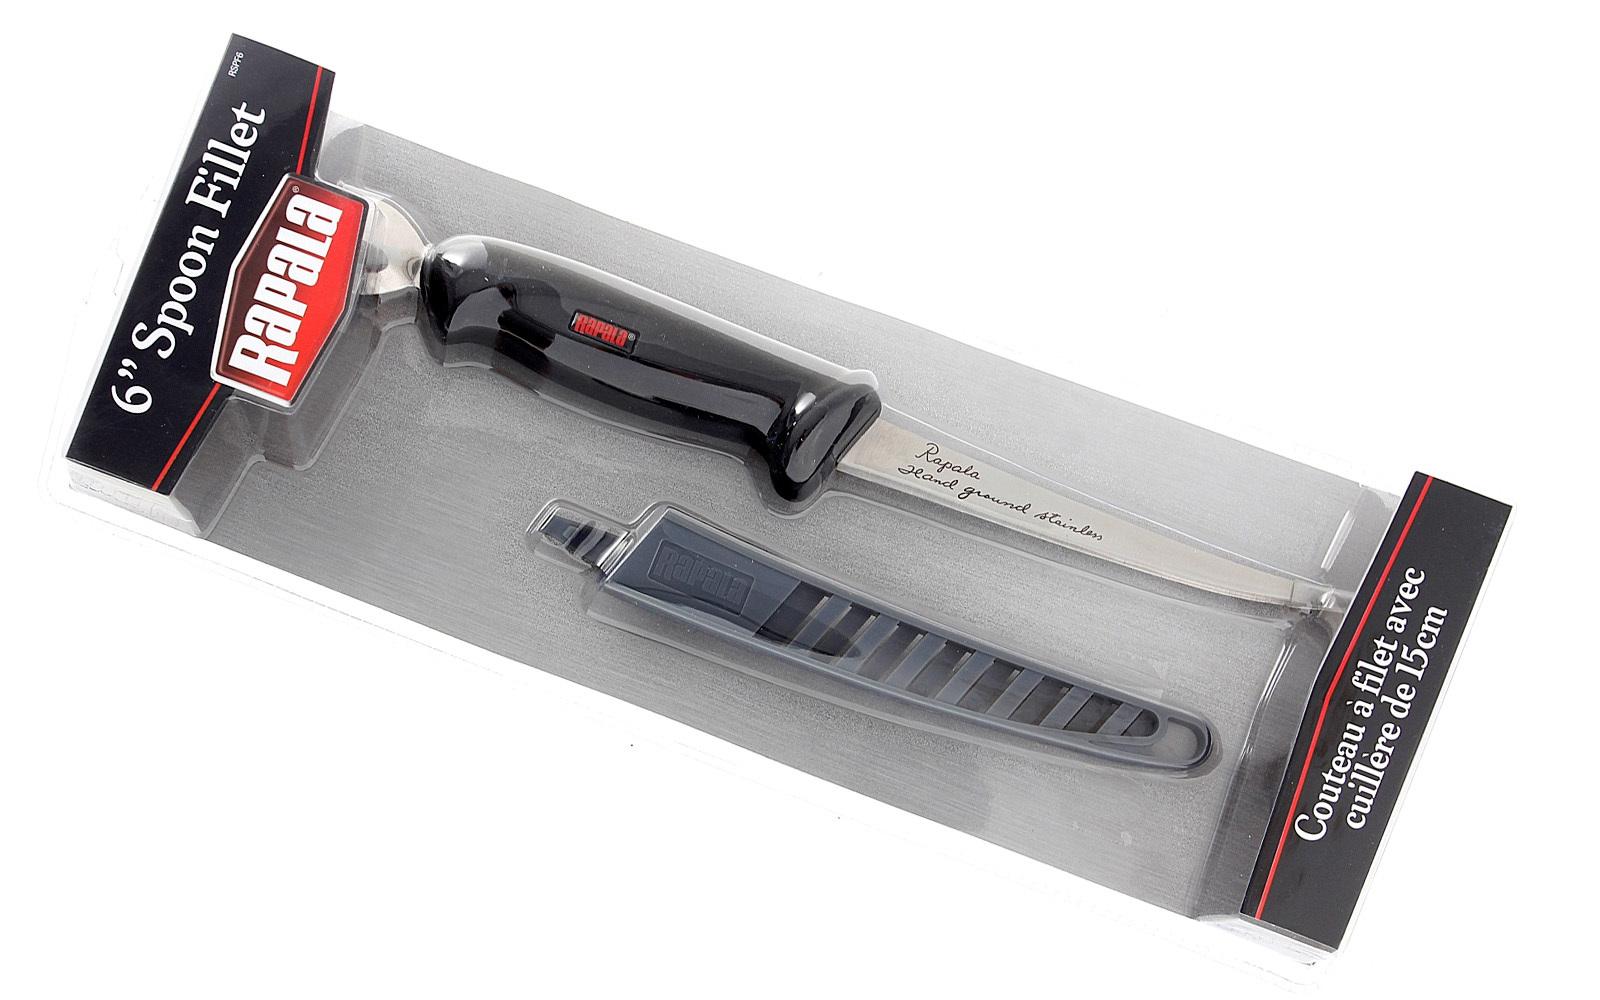 Фото 6 - Филейный нож, Rapala, FNC6, нержавеющая сталь, пластиковый чехол, блистер